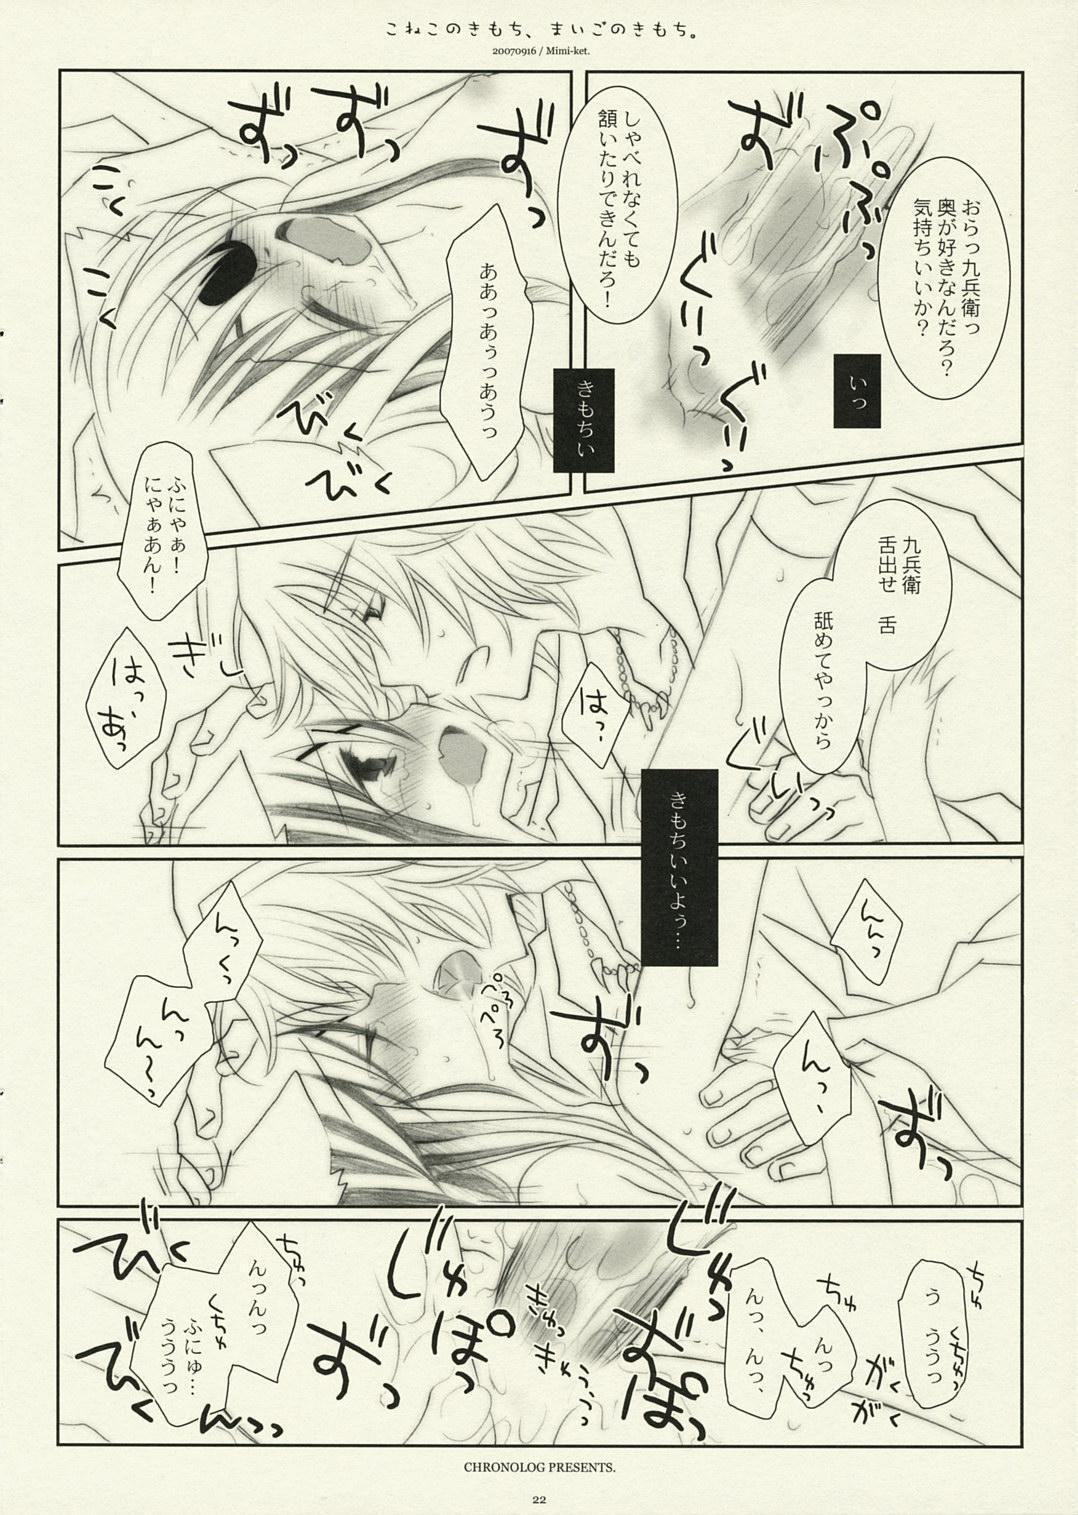 Koneko no Kimochi, Maigo no Kimochi. 20